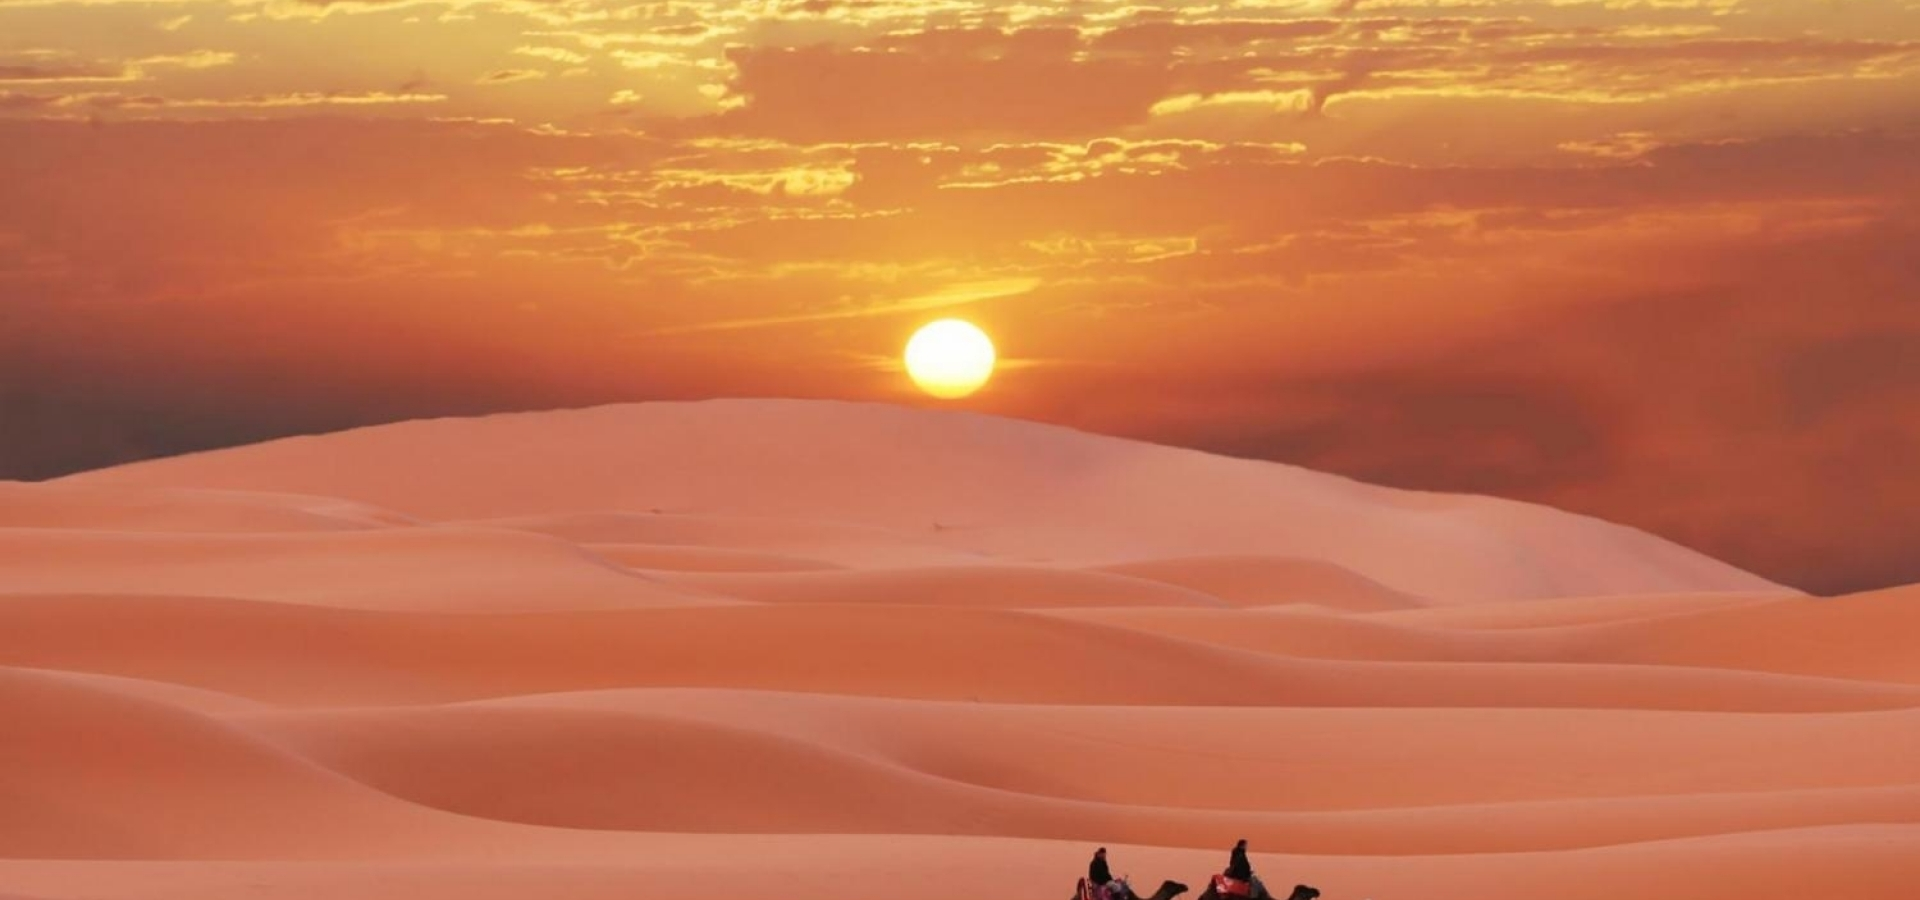 Emiratos Arabes - Dubai + Desert Adventure